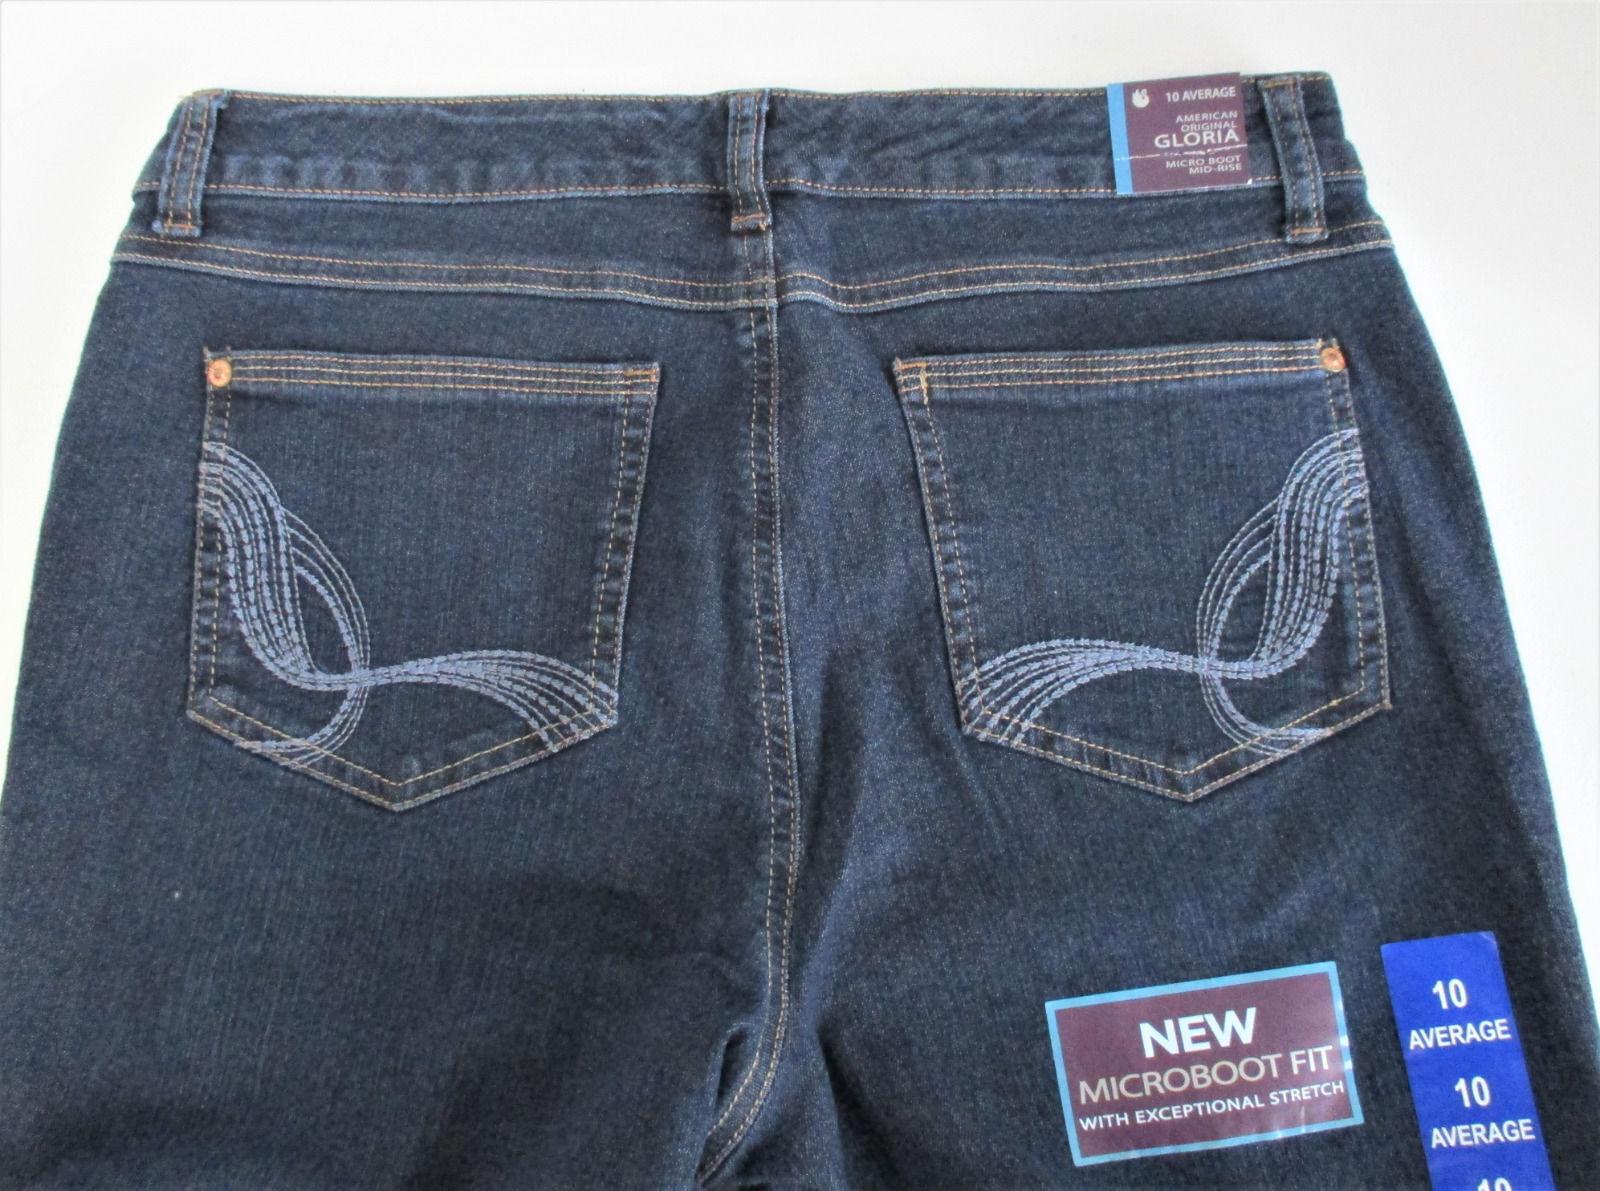 eae074cdb9e70 Women s Gloria Vanderbilt Gloria Microboot Cut Jeans Size 16 AVG